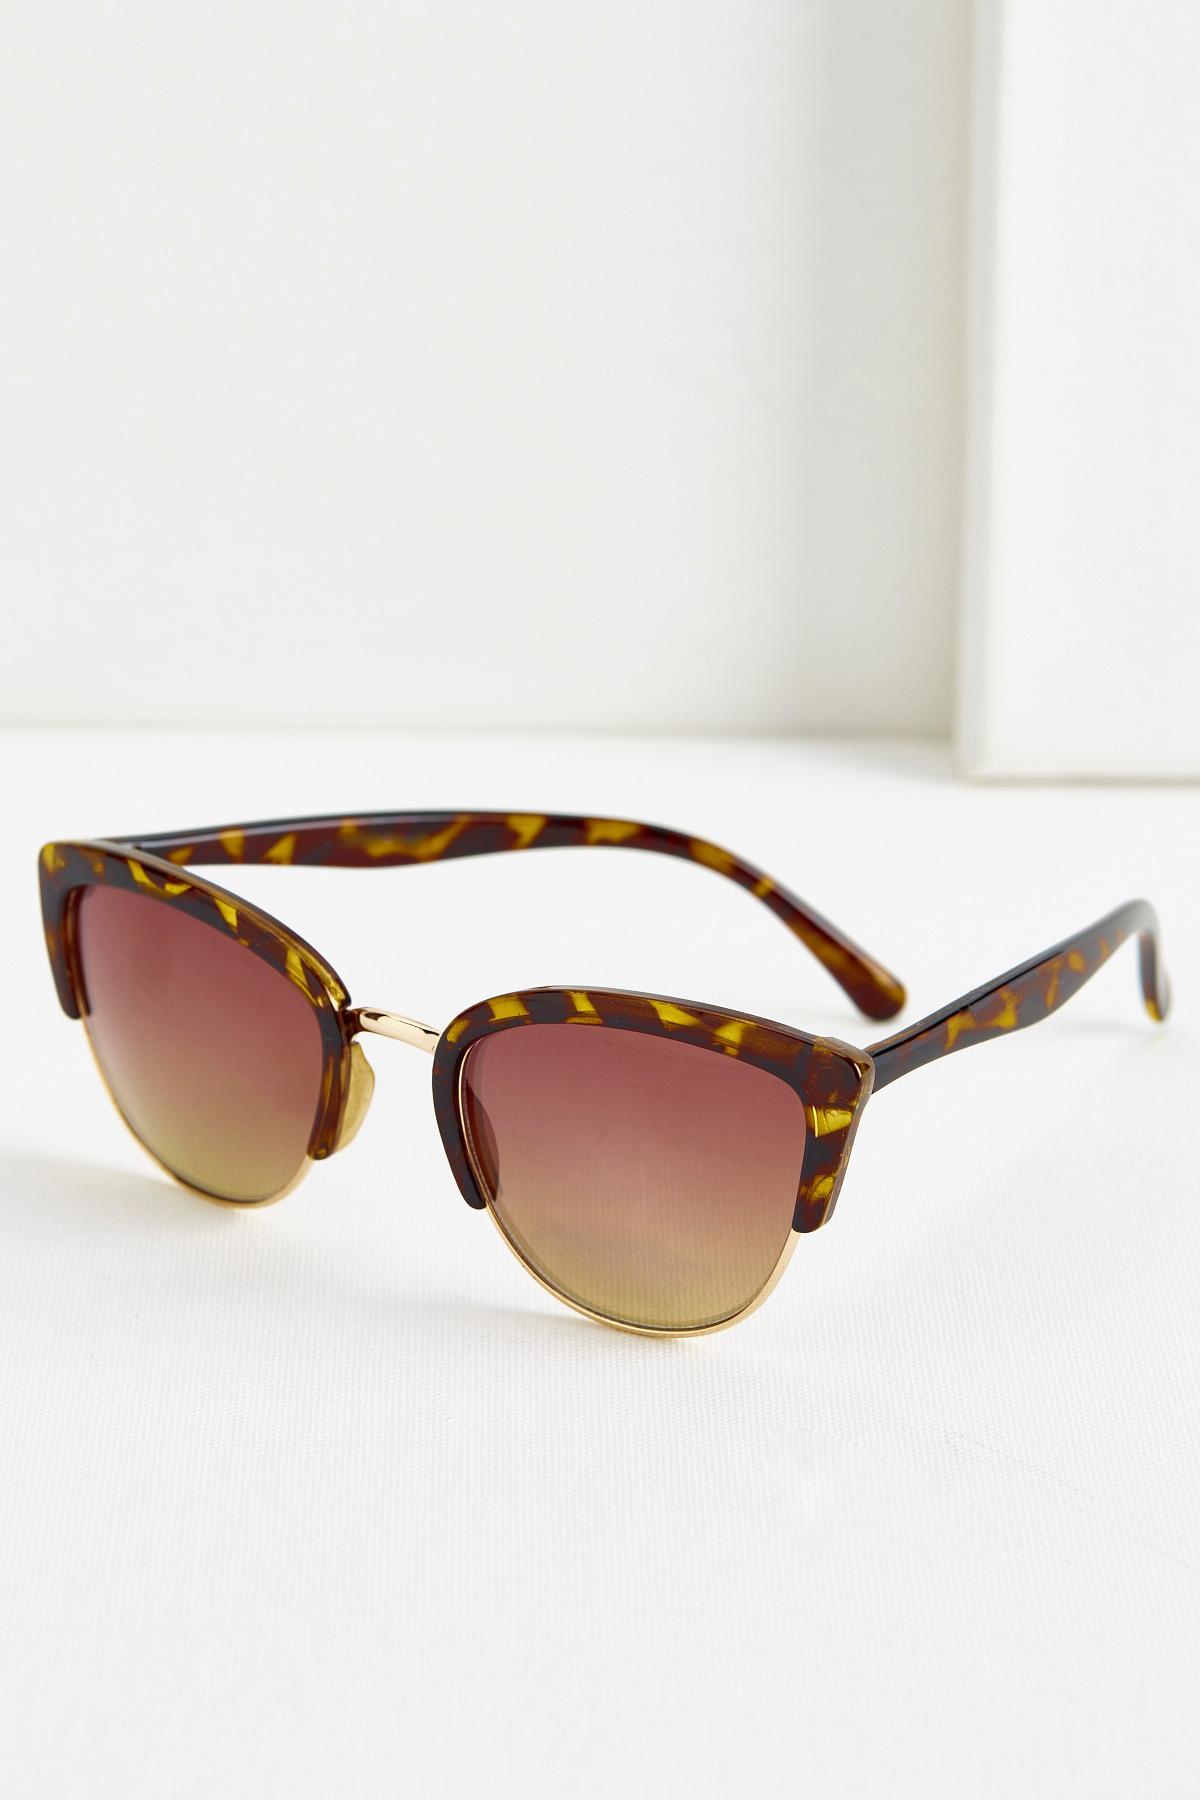 Pink Lens Tortoise Shell Sunglasses